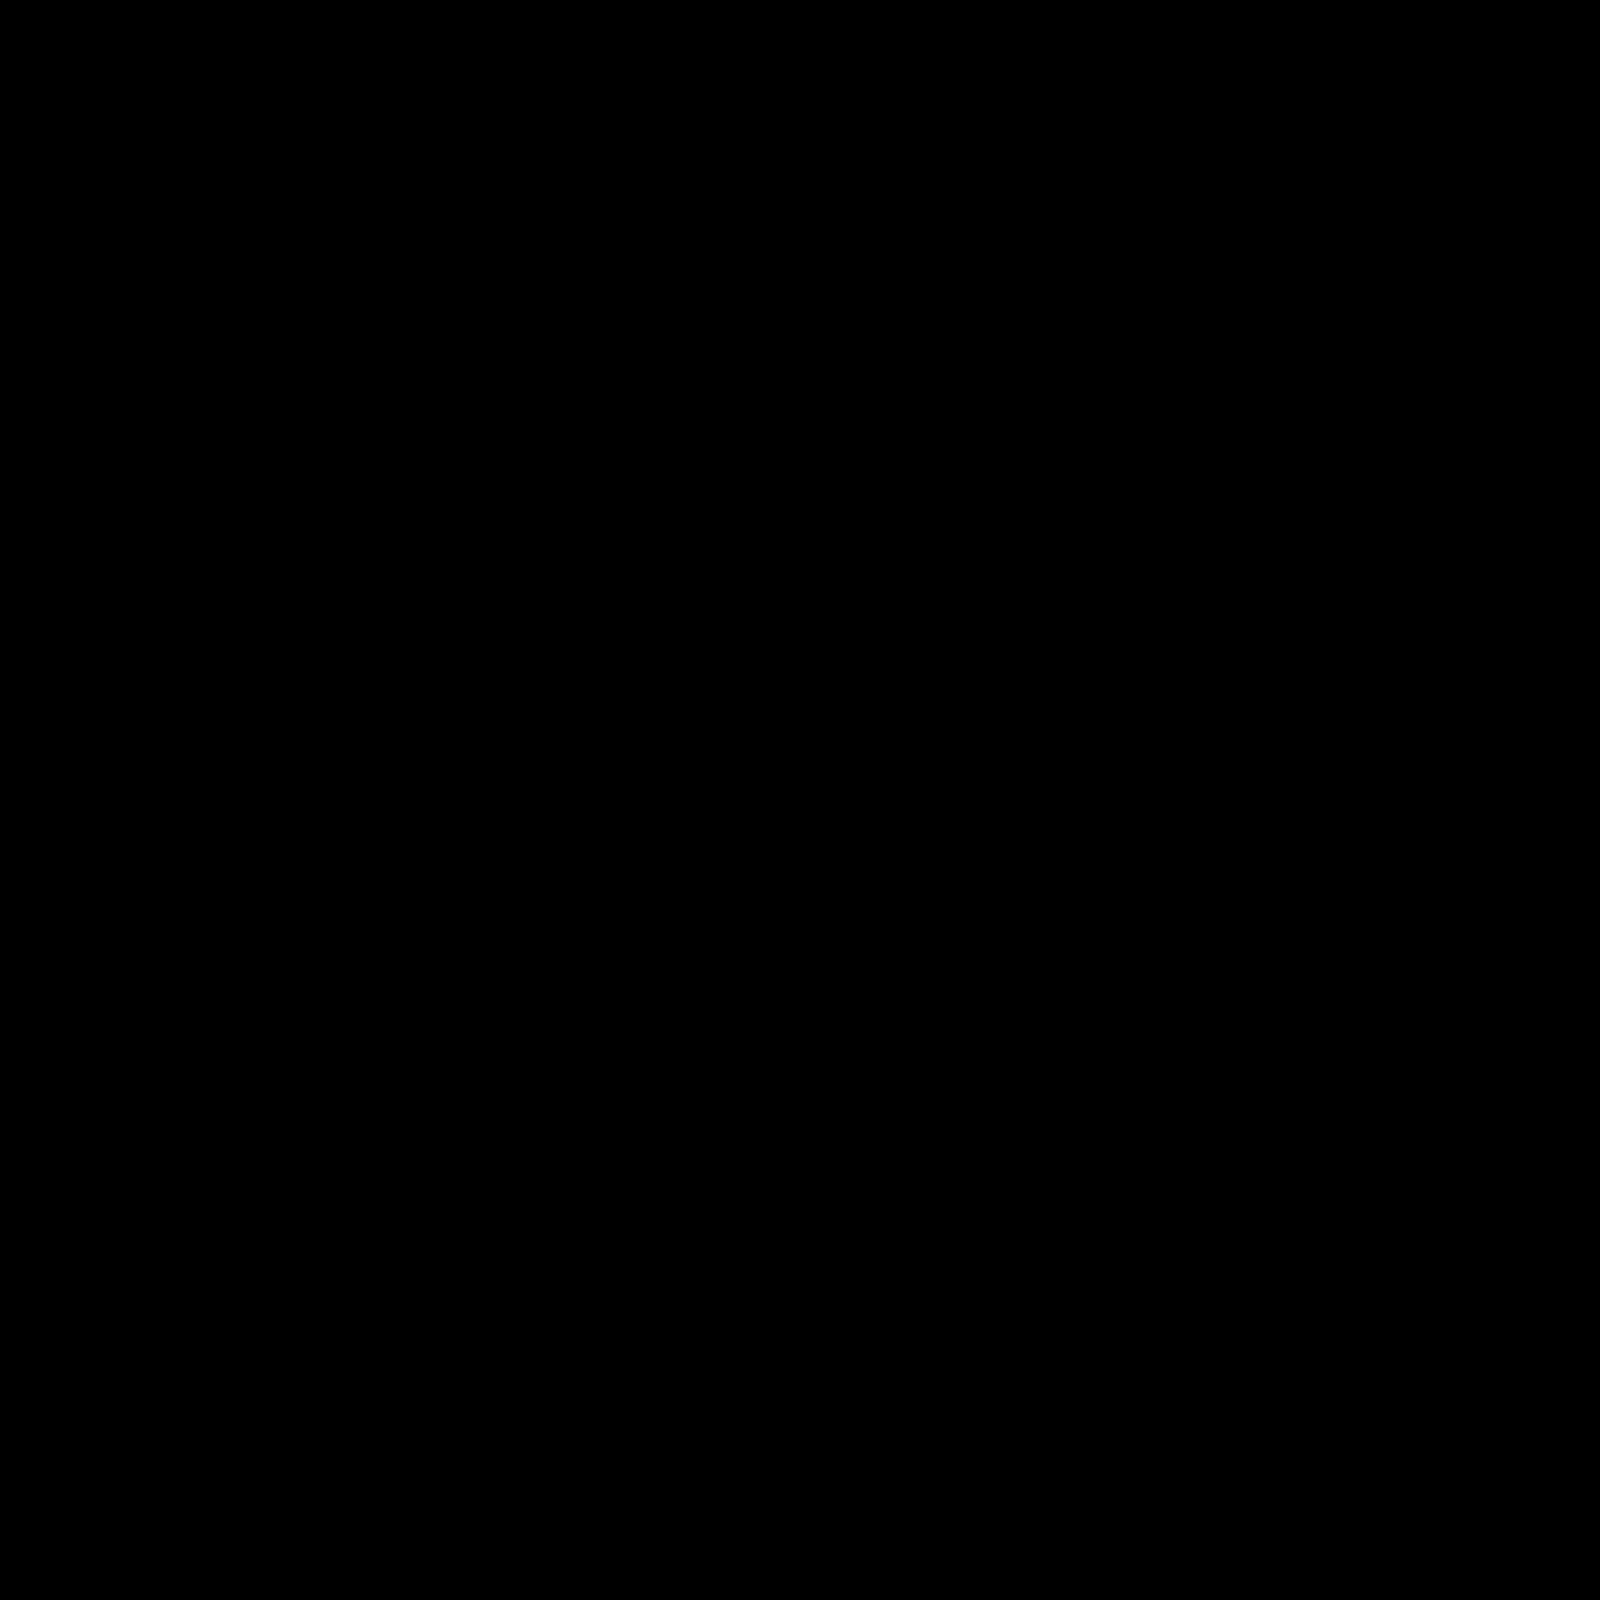 Stodoła icon